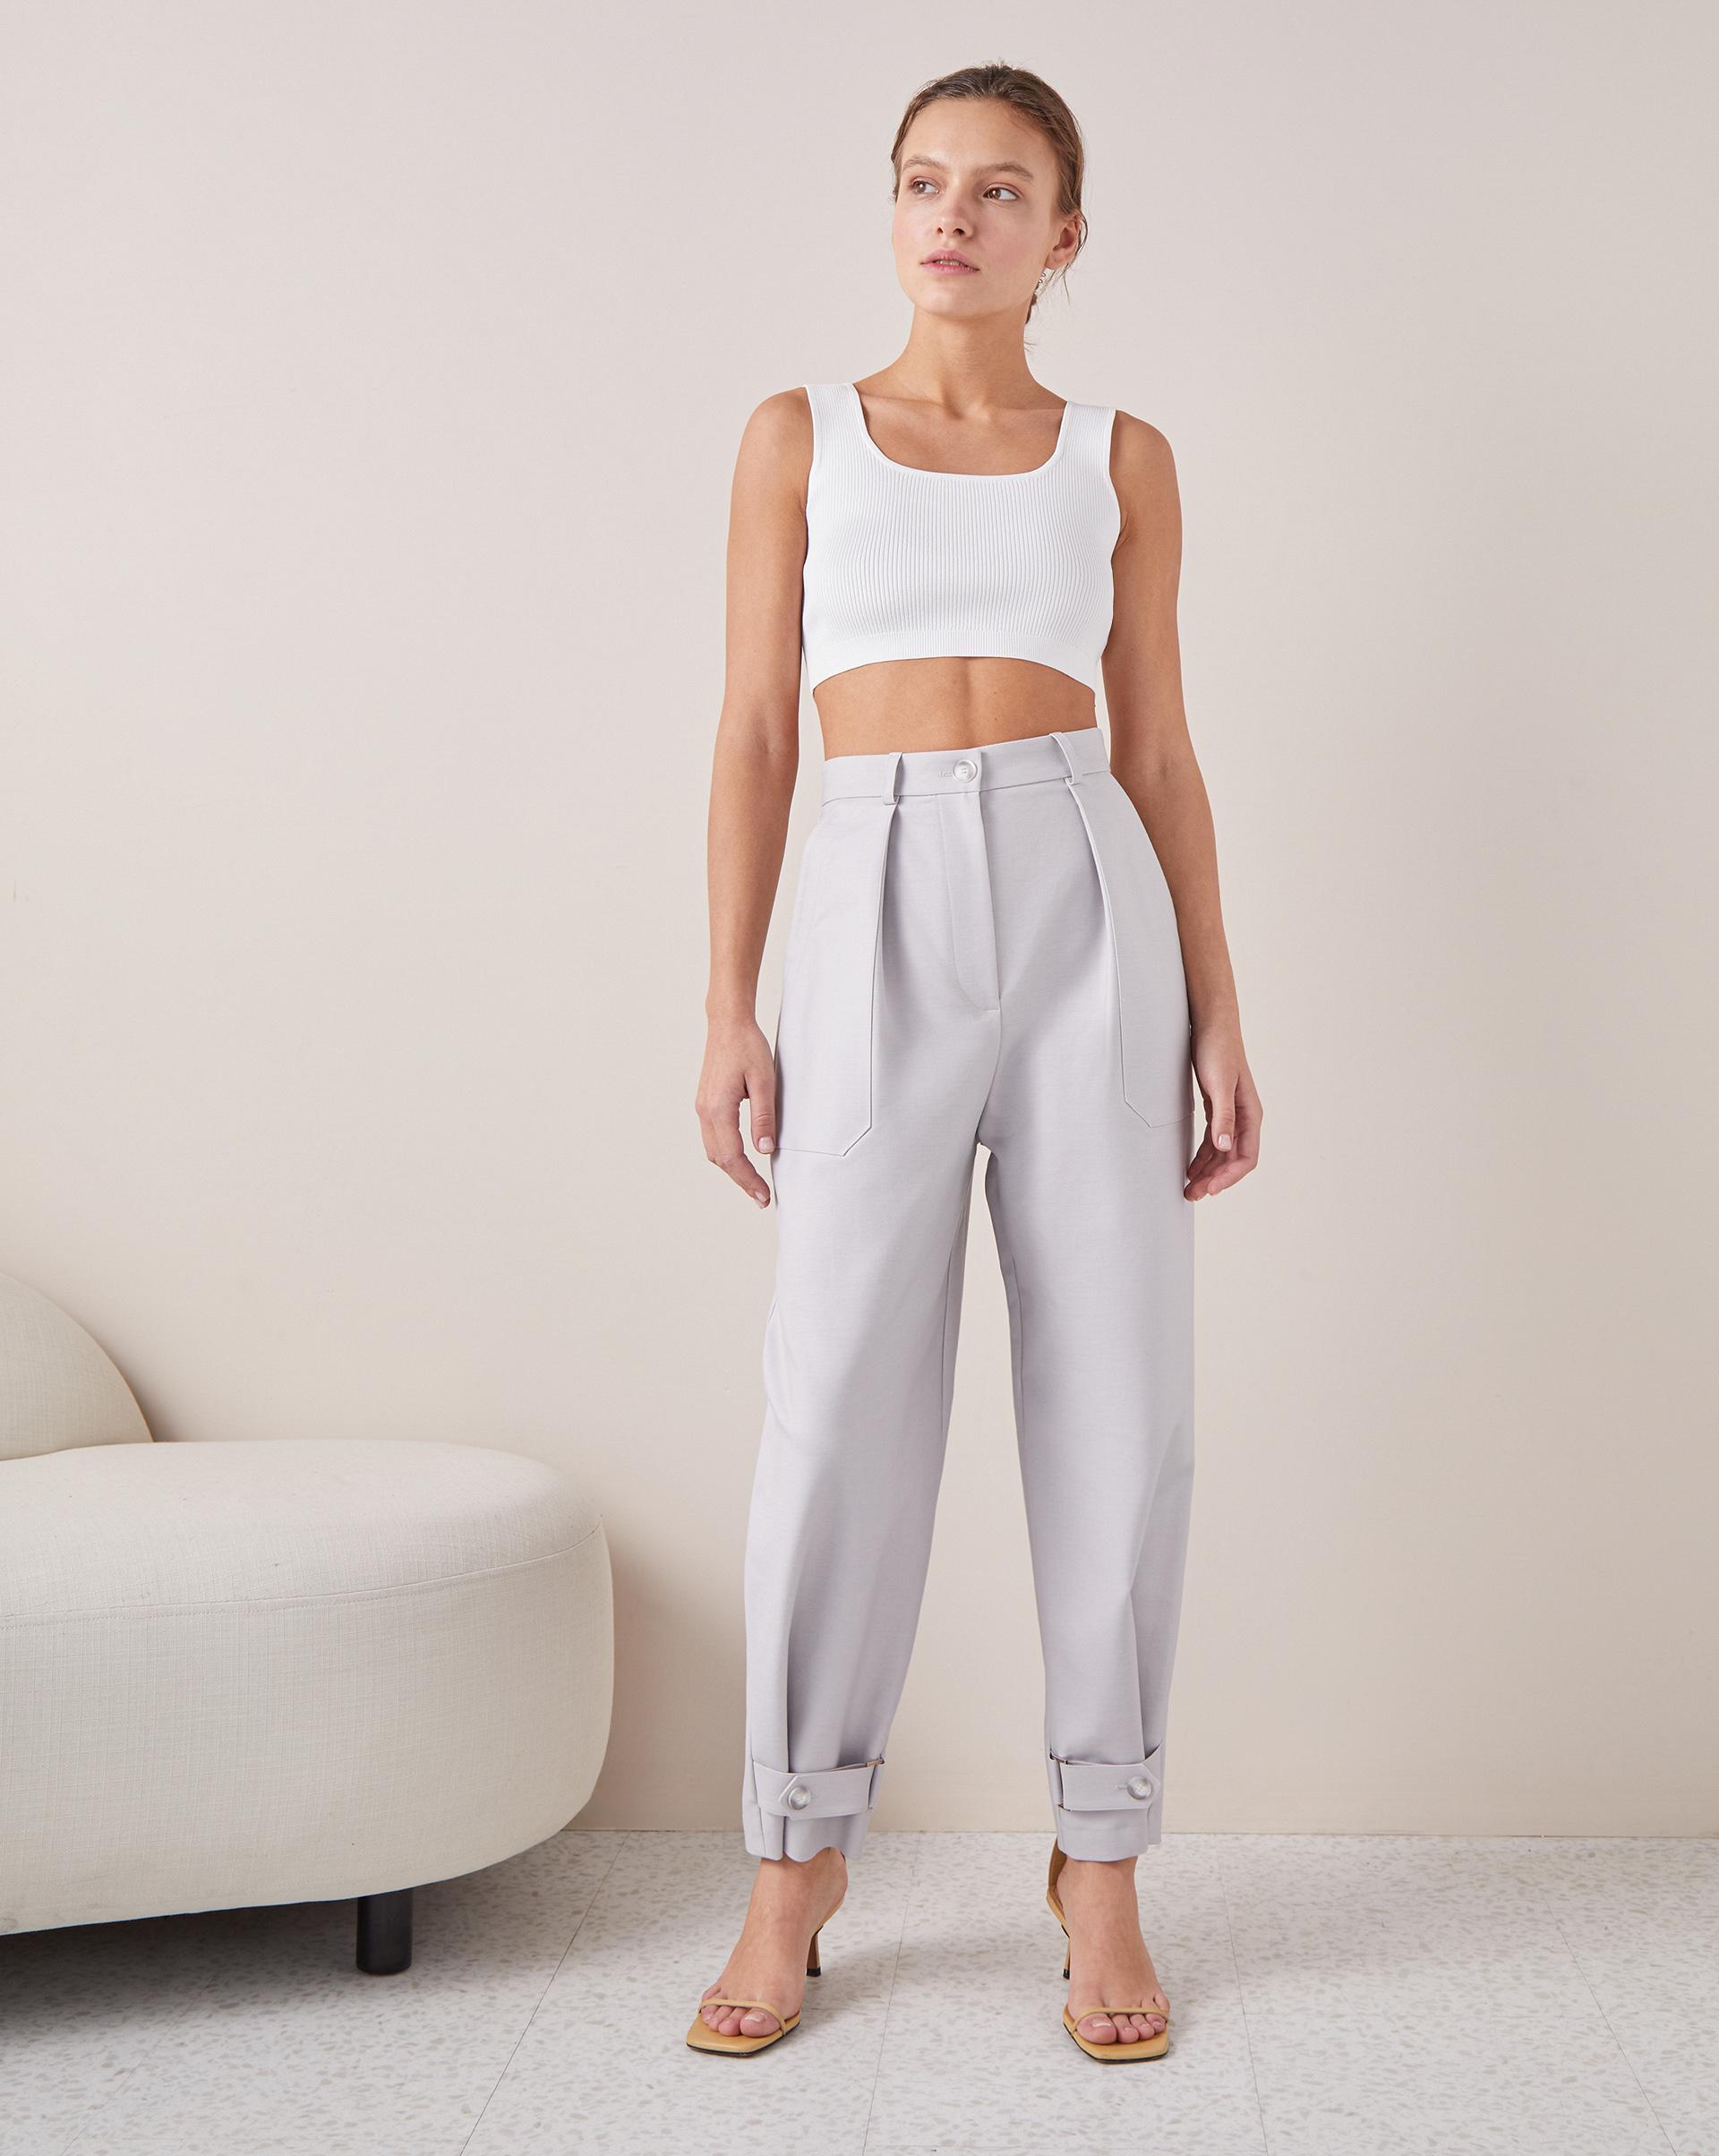 12⠀STOREEZ Прямые брюки мягкие прямые диваны